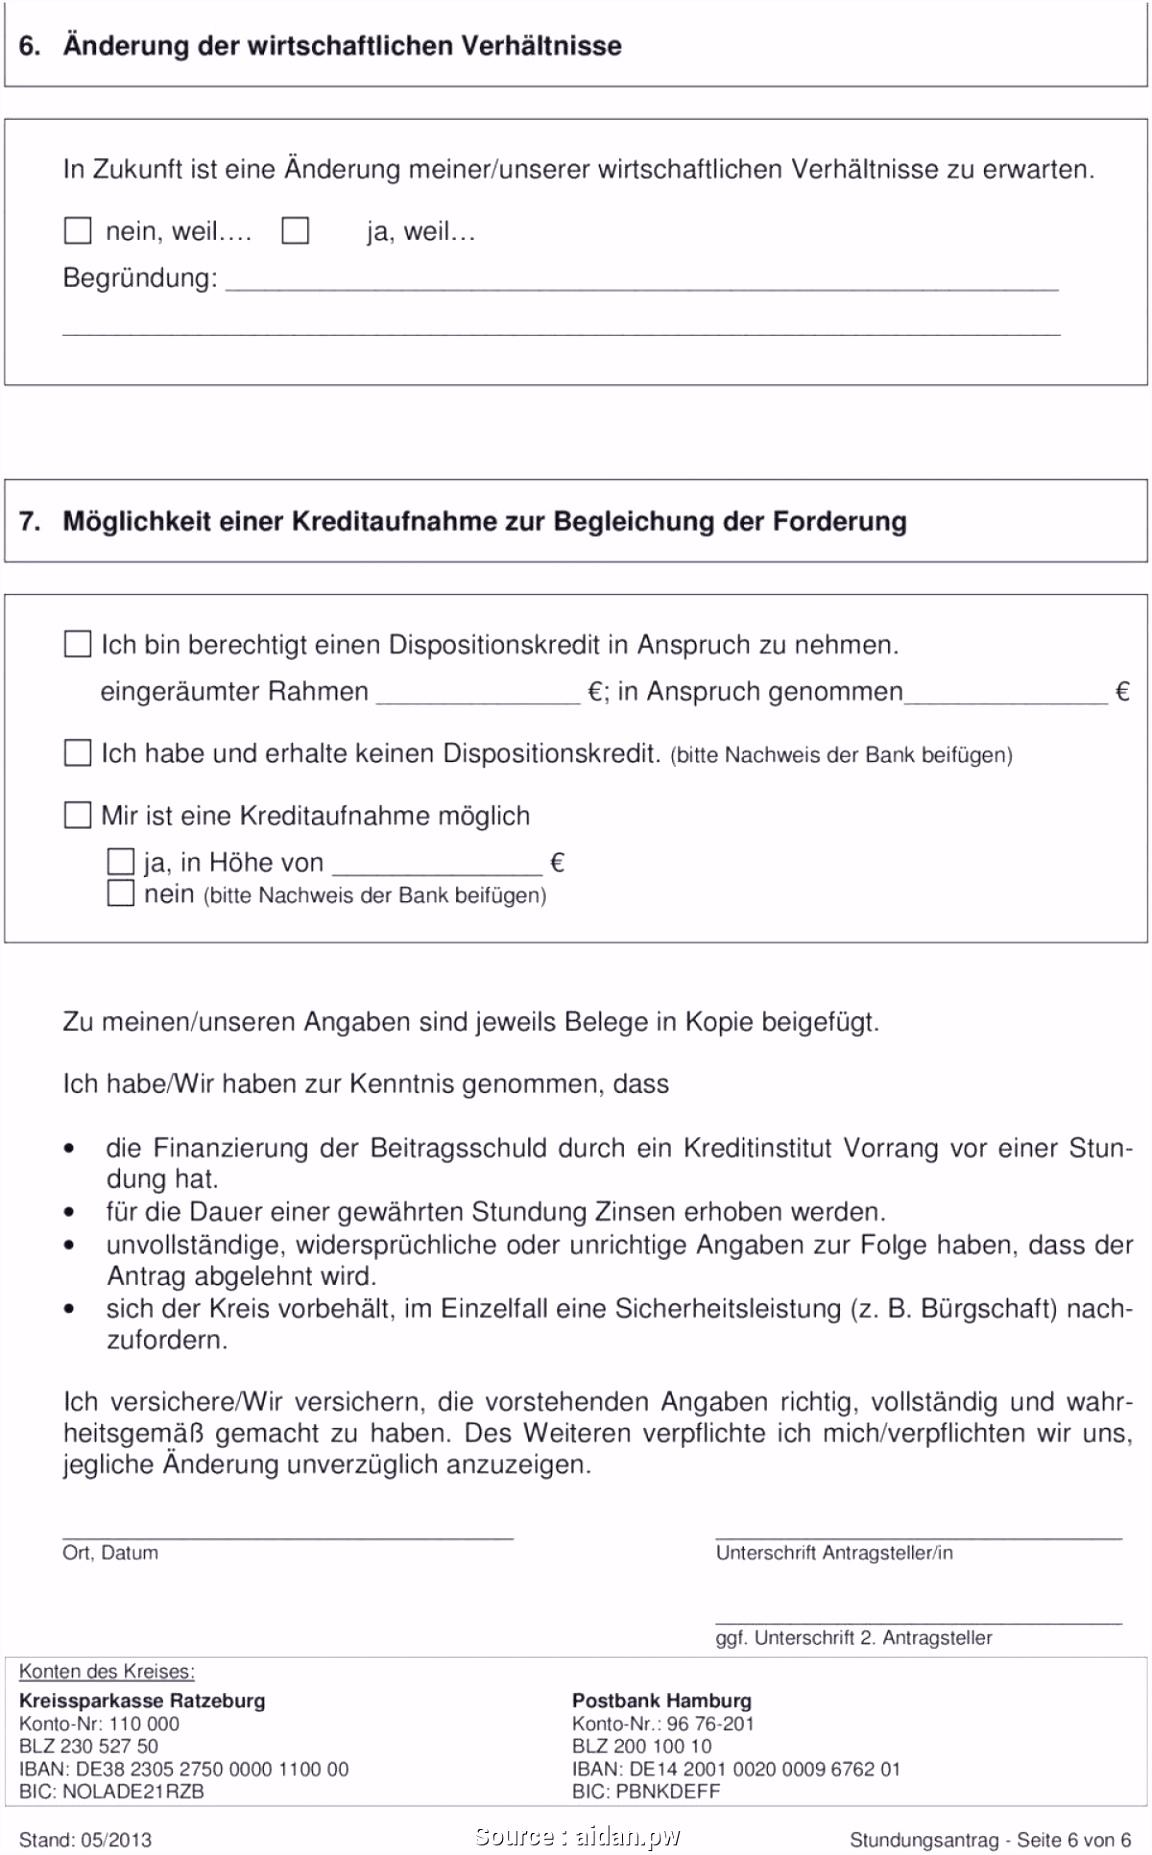 Ausgezeichnet Abo Kündigung Vorlage Schweiz Kündigung Vorlage